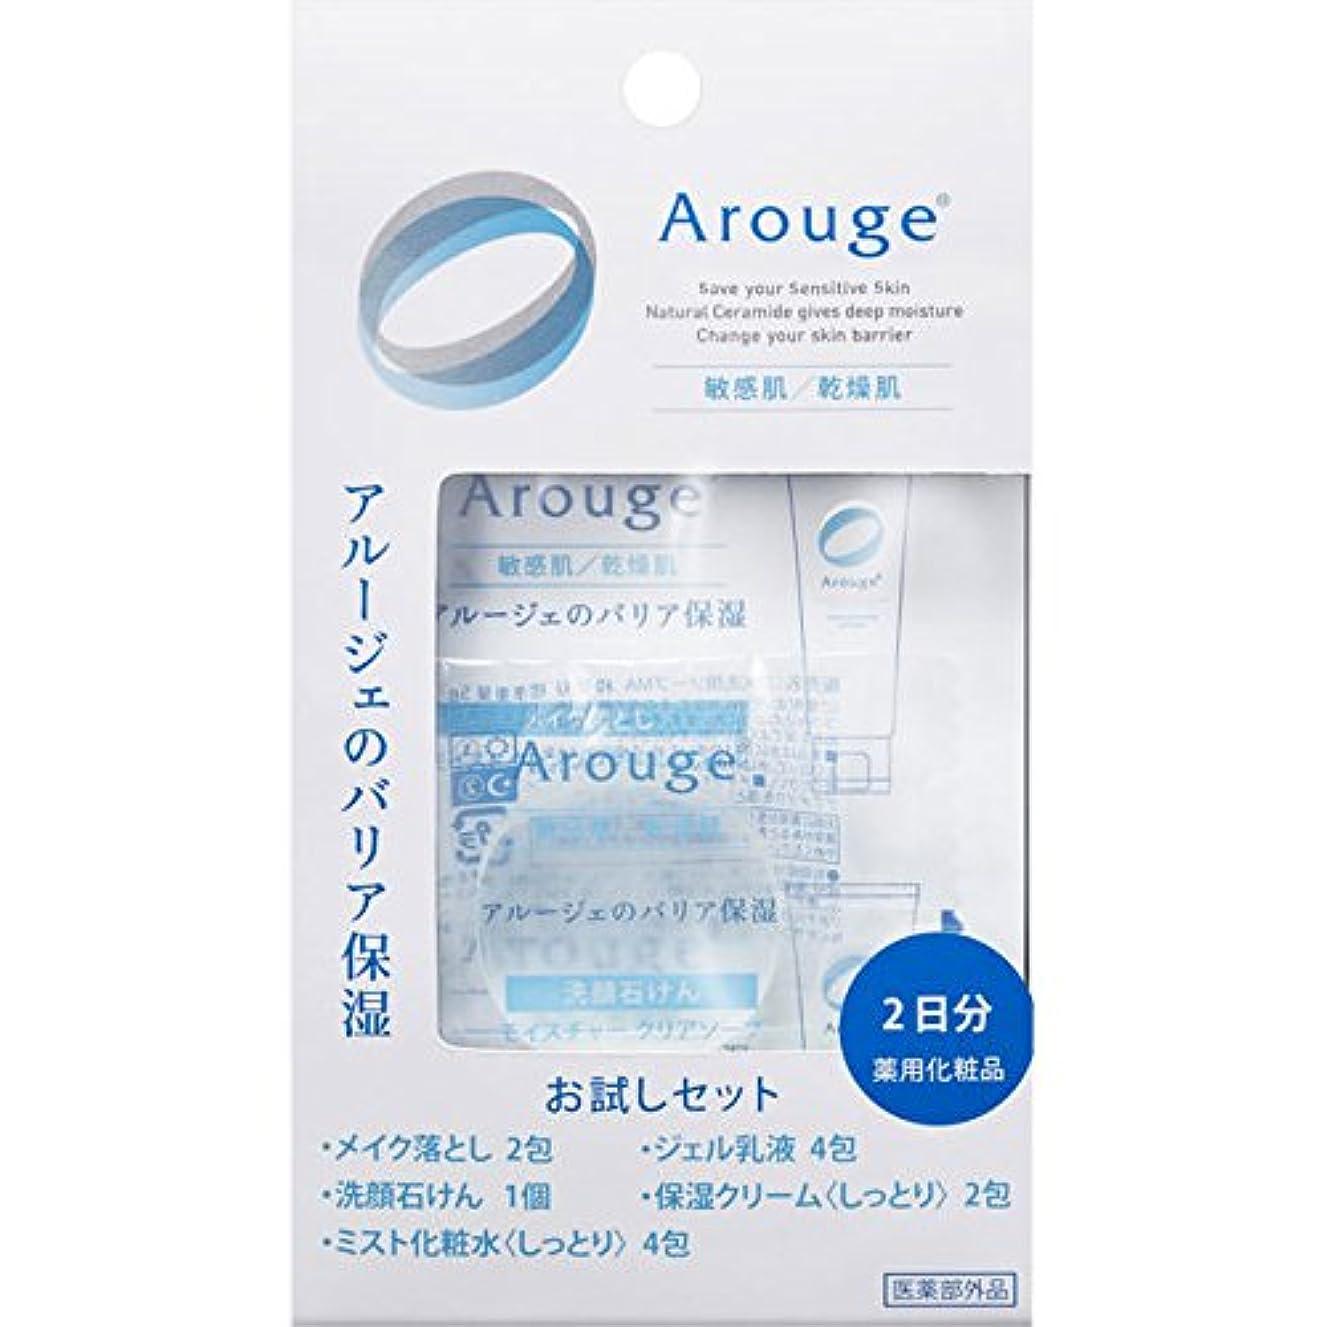 忘れる障害毒液全薬工業 アルージェ お試しセット 5種 (医薬部外品)